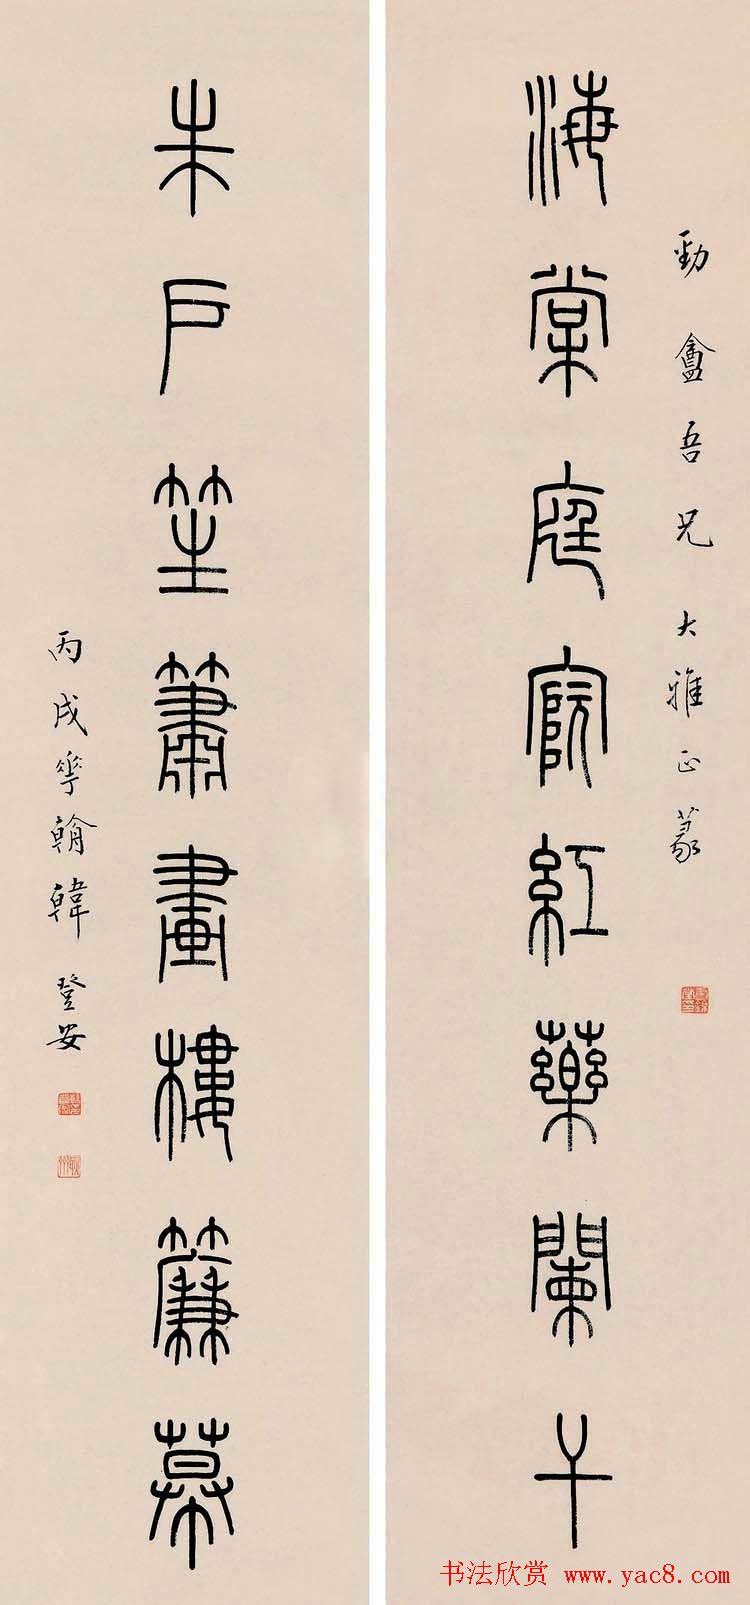 韩登安书法篆书作品欣赏